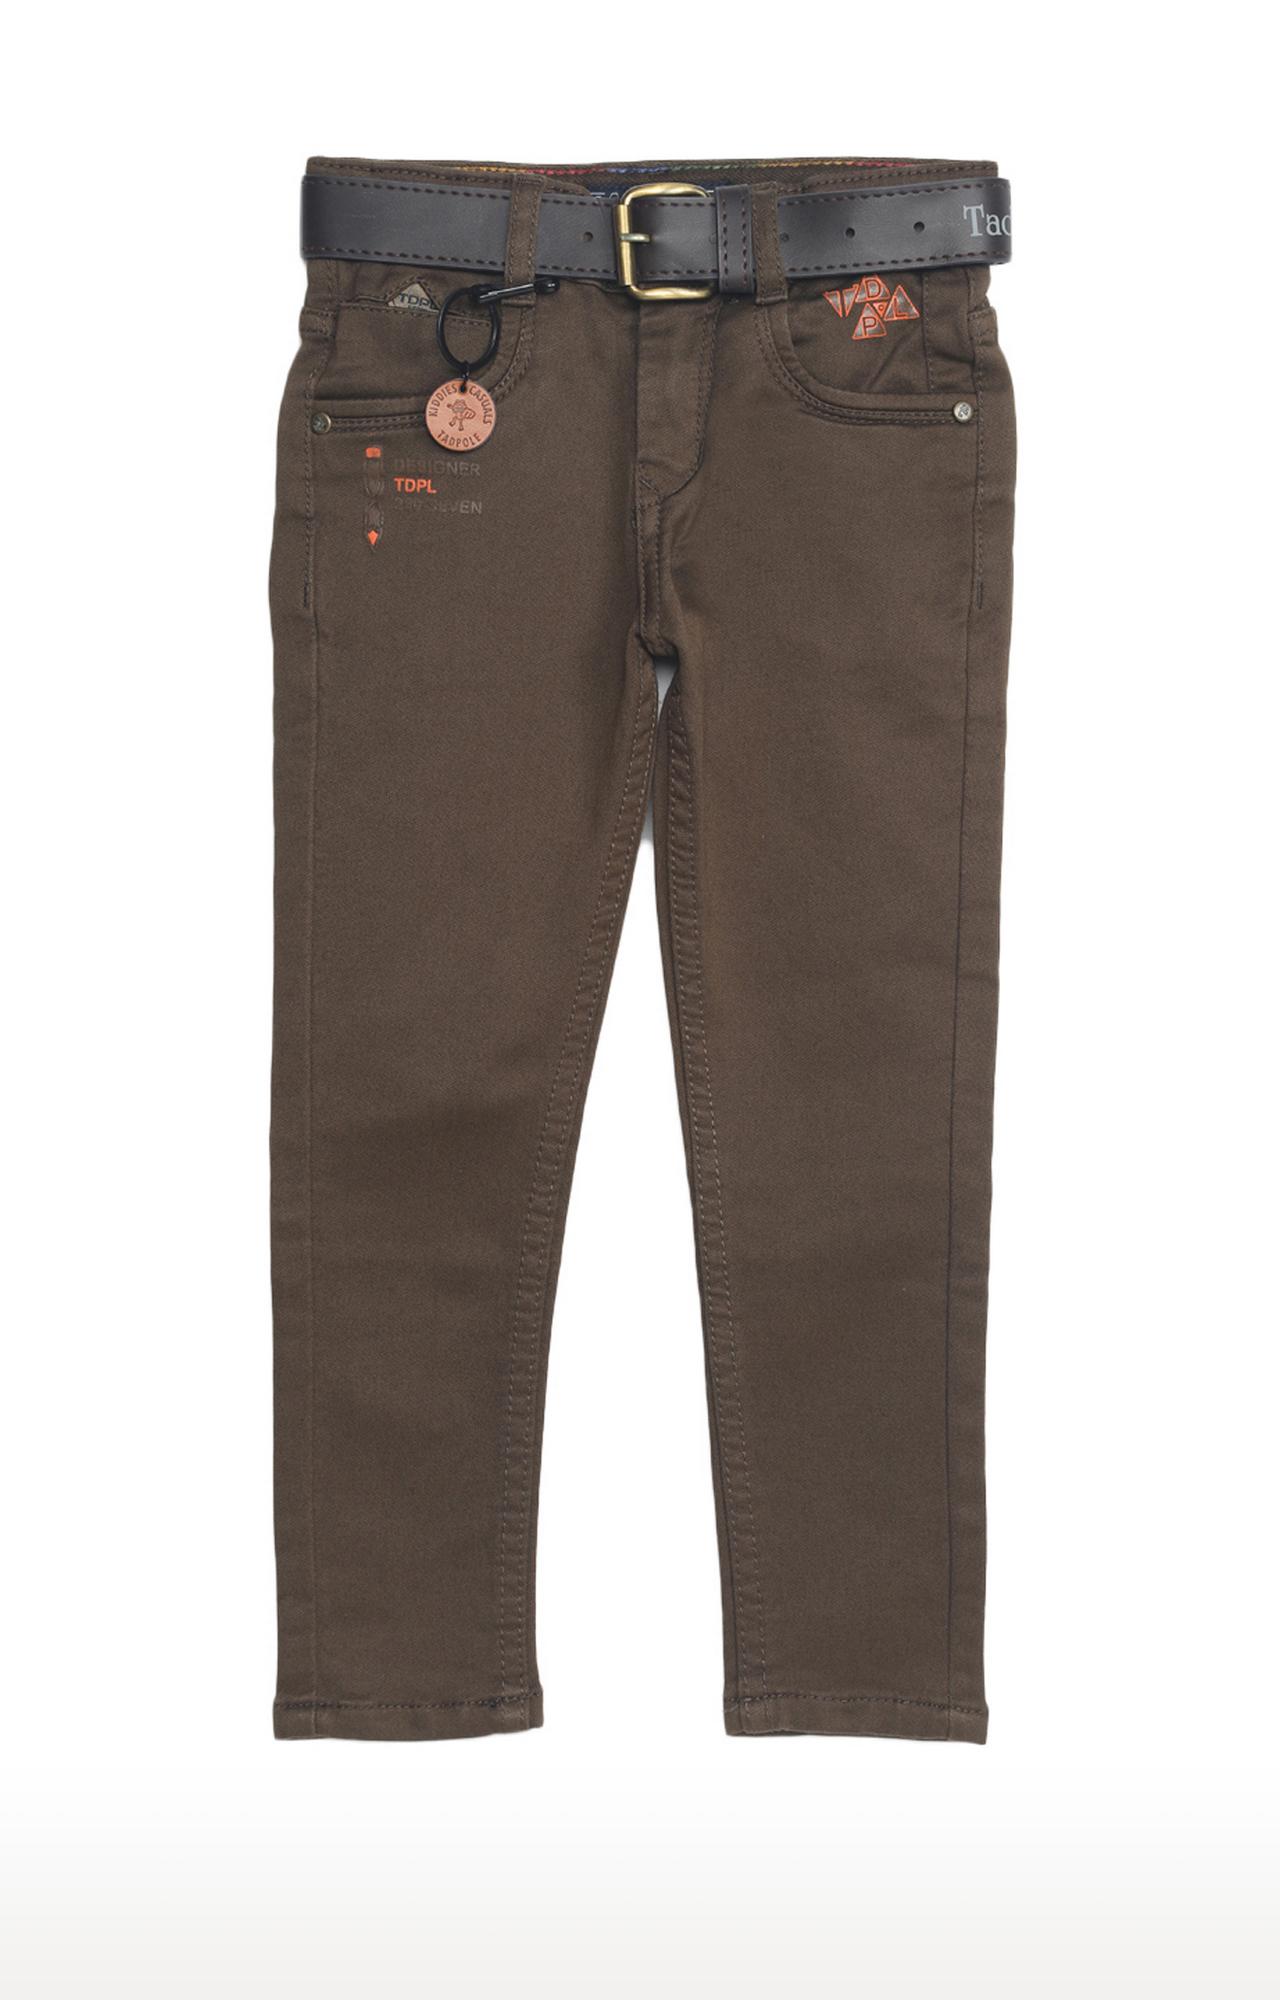 Tadpole | Olive Solid Regular-Fit Jeans